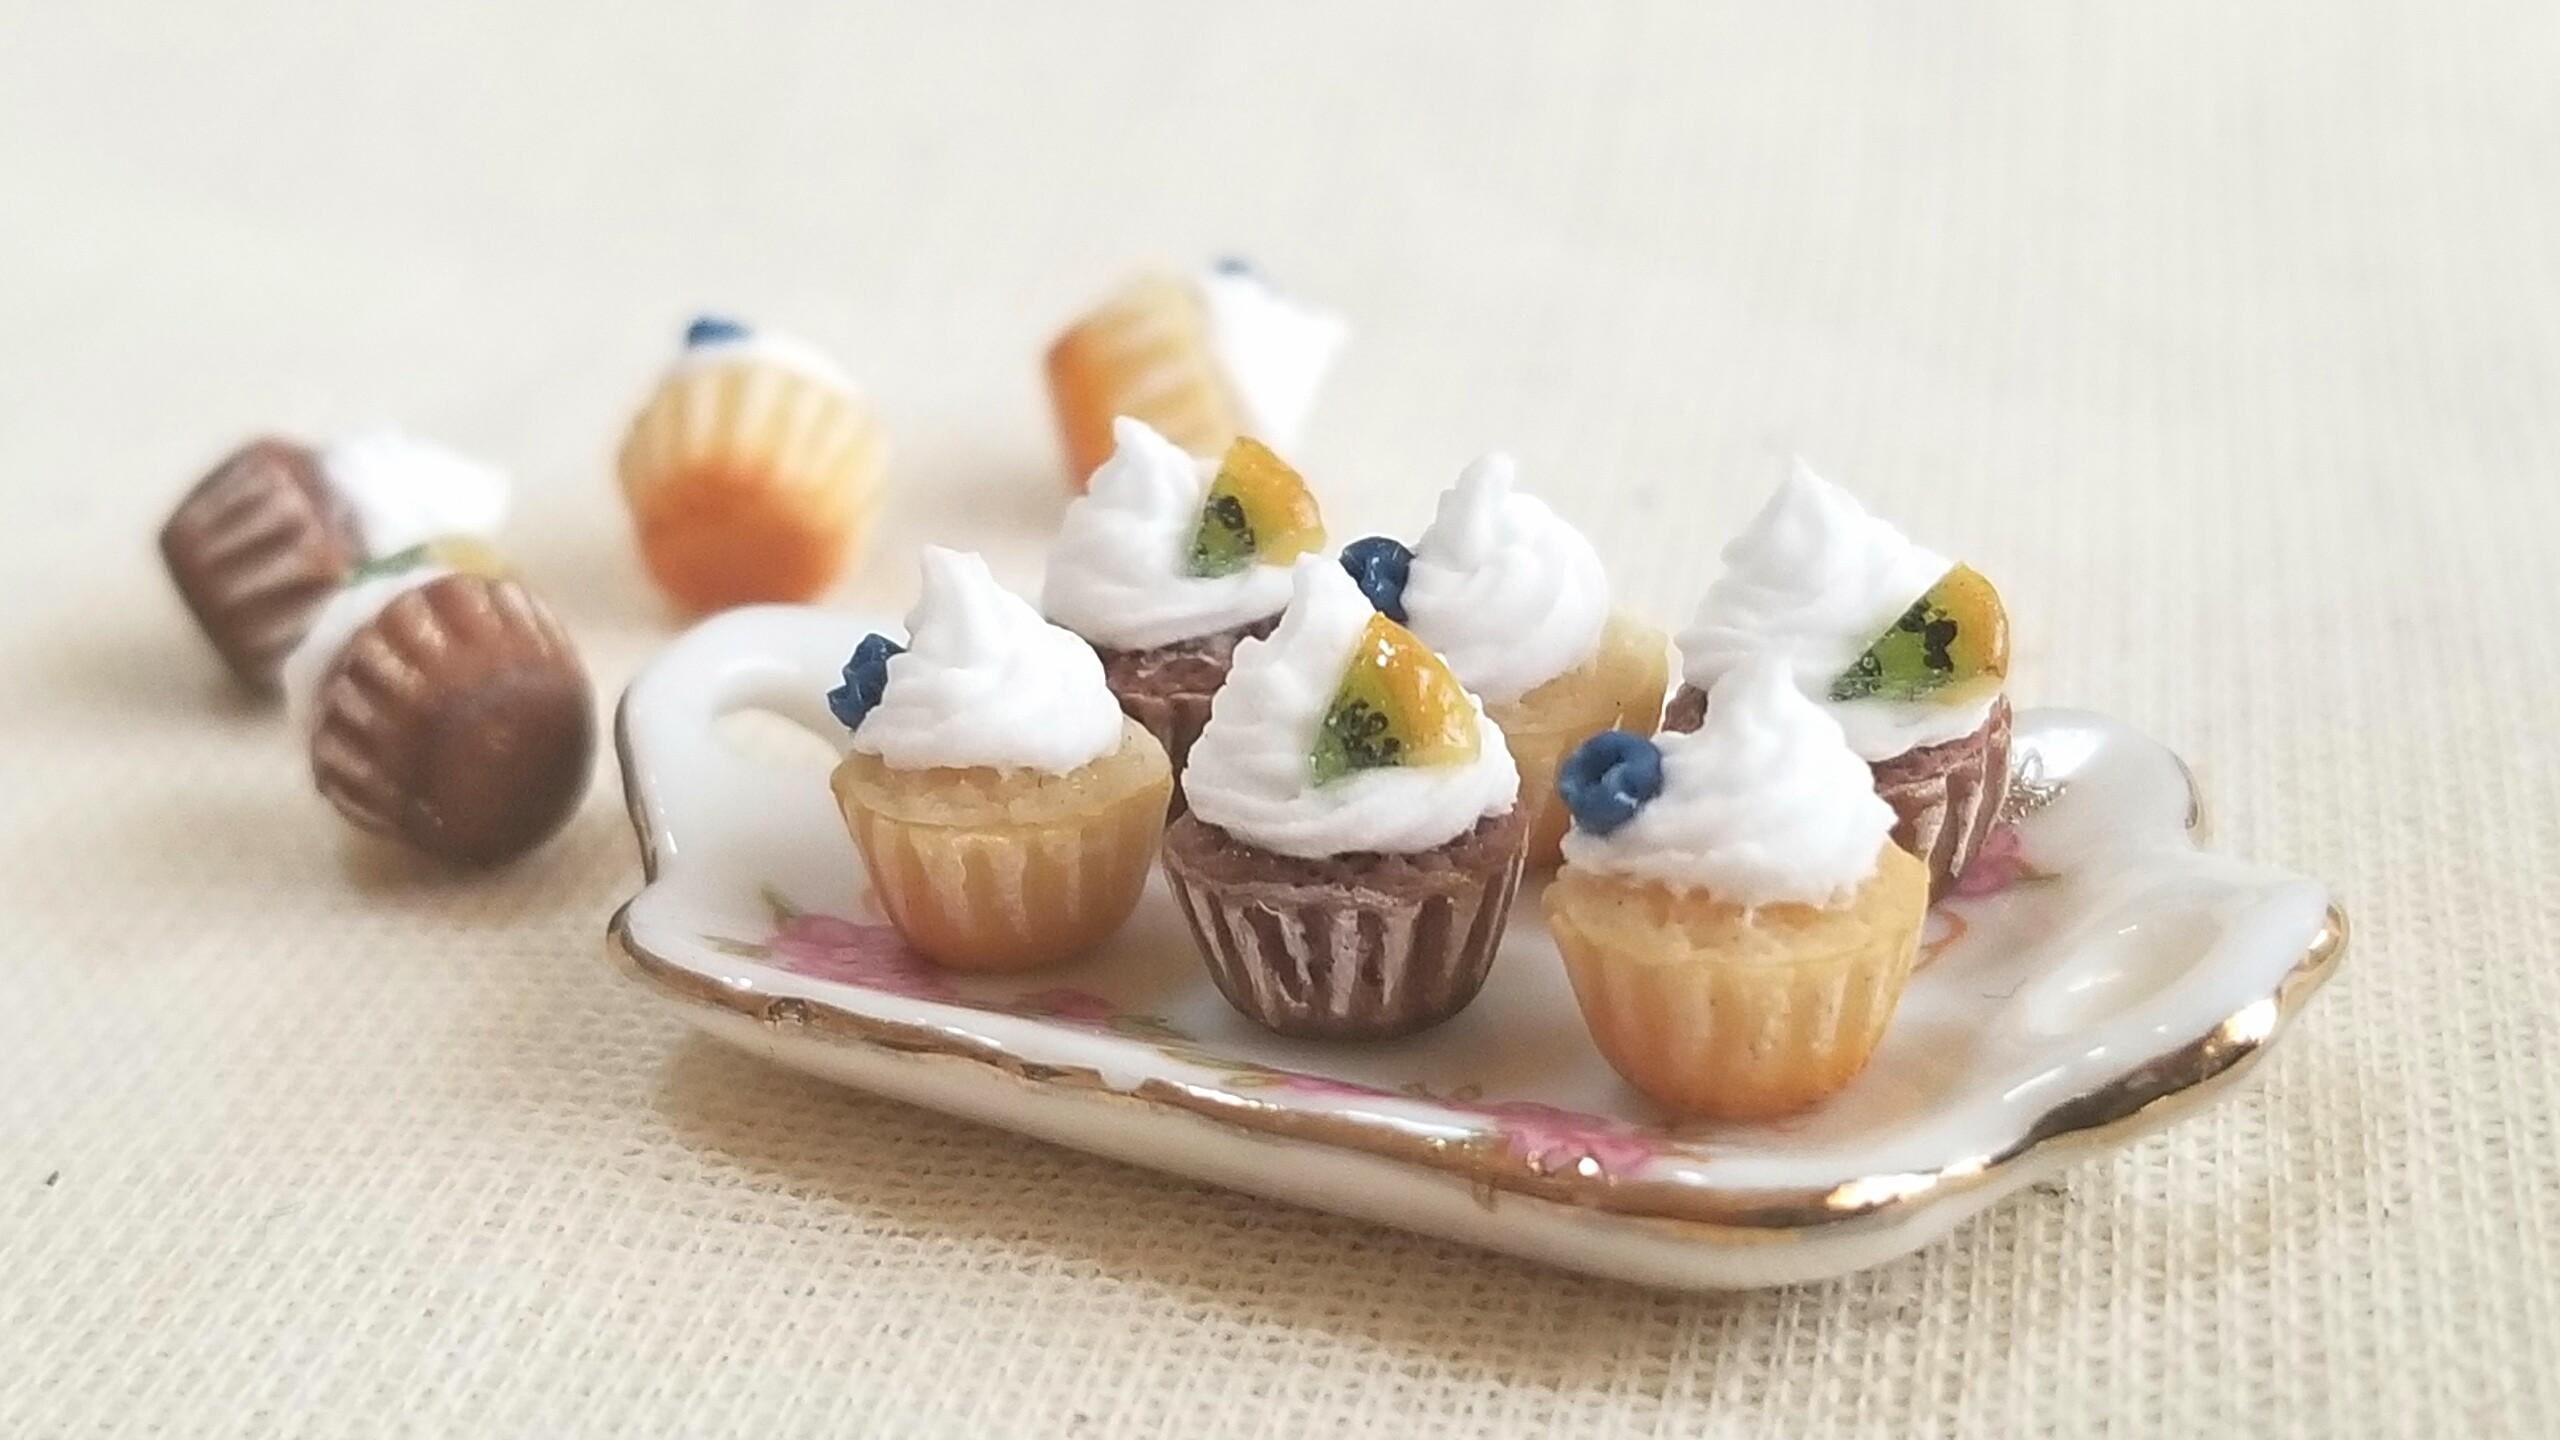 おしゃれなカップケーキ洋菓子屋焼きスイーツテロ飯手作り画像写真